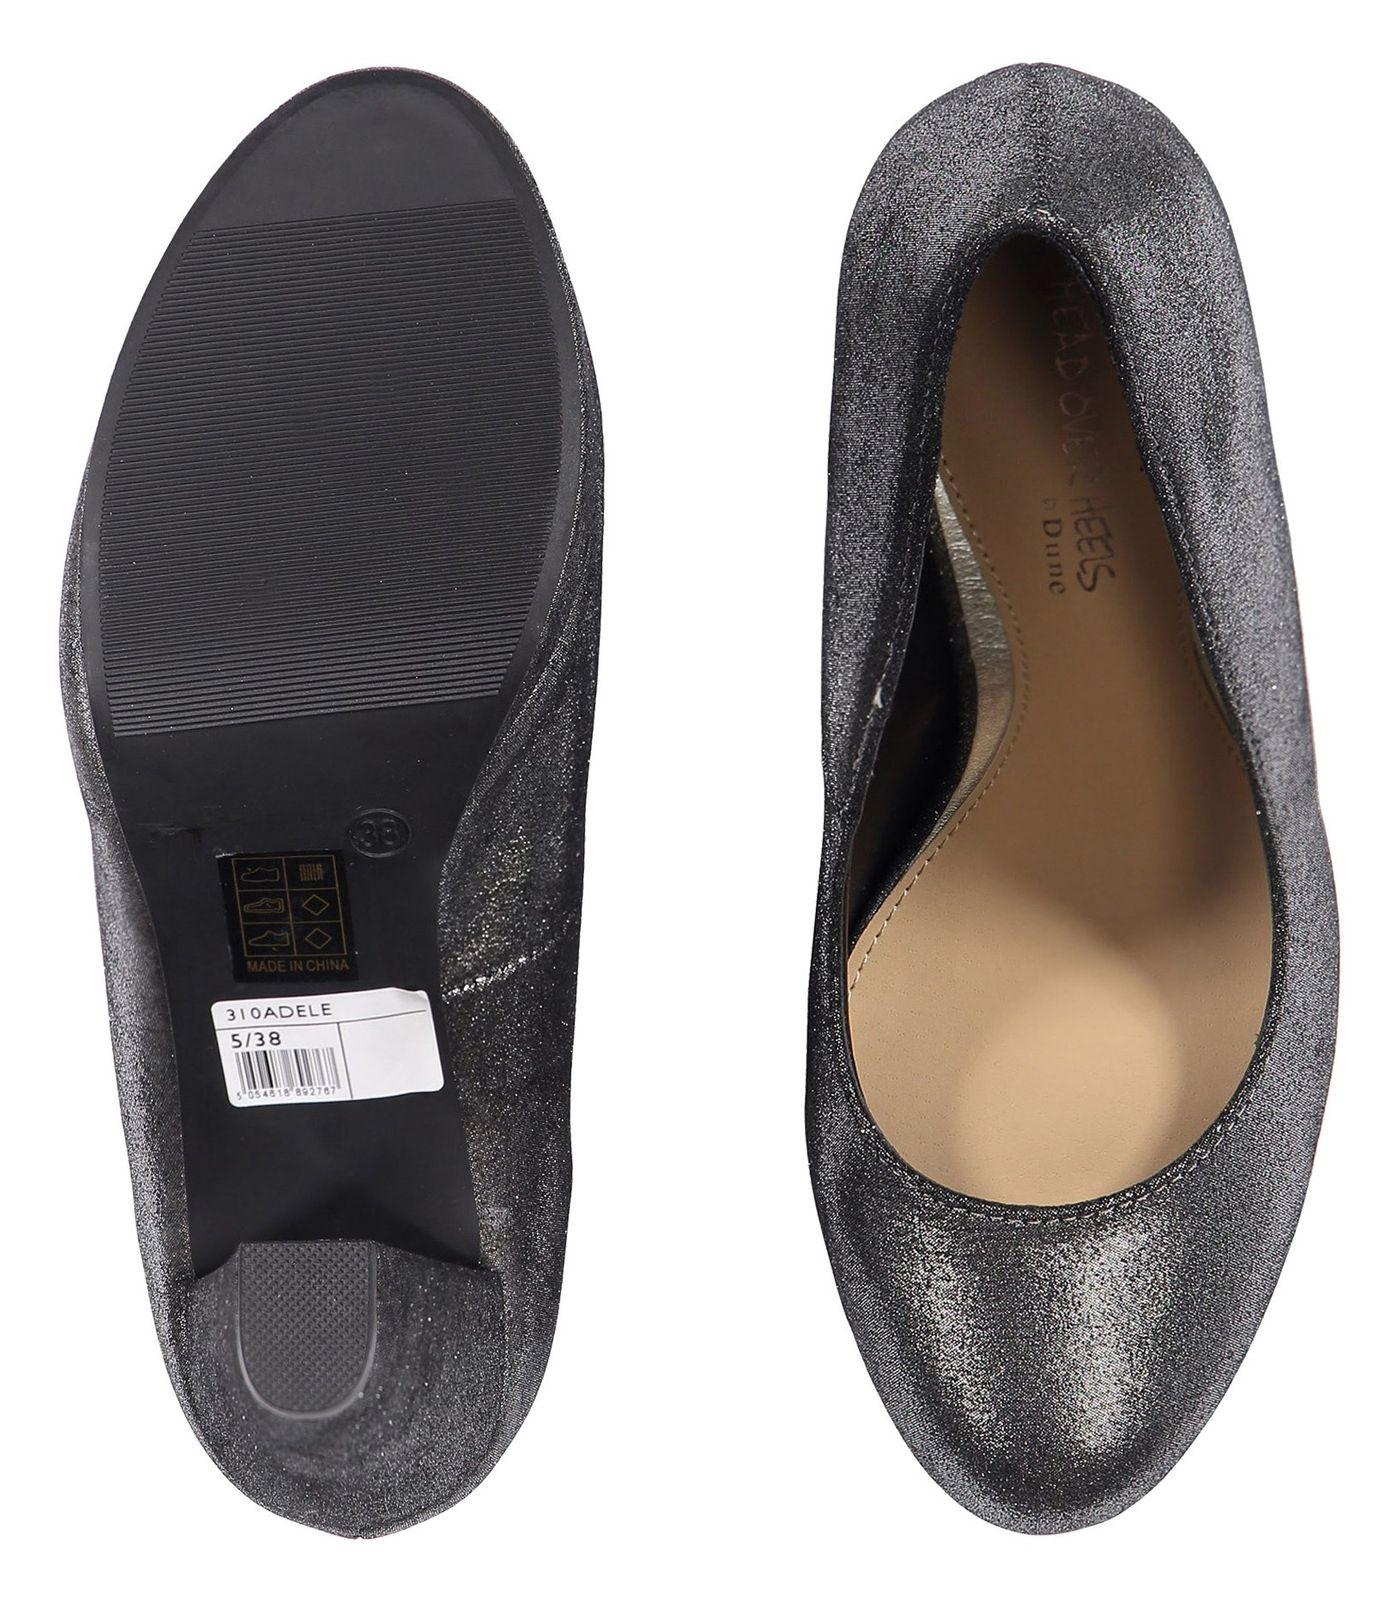 کفش پاشنه بلند زنانه - هد اور هیلز بای دون لندن main 1 1